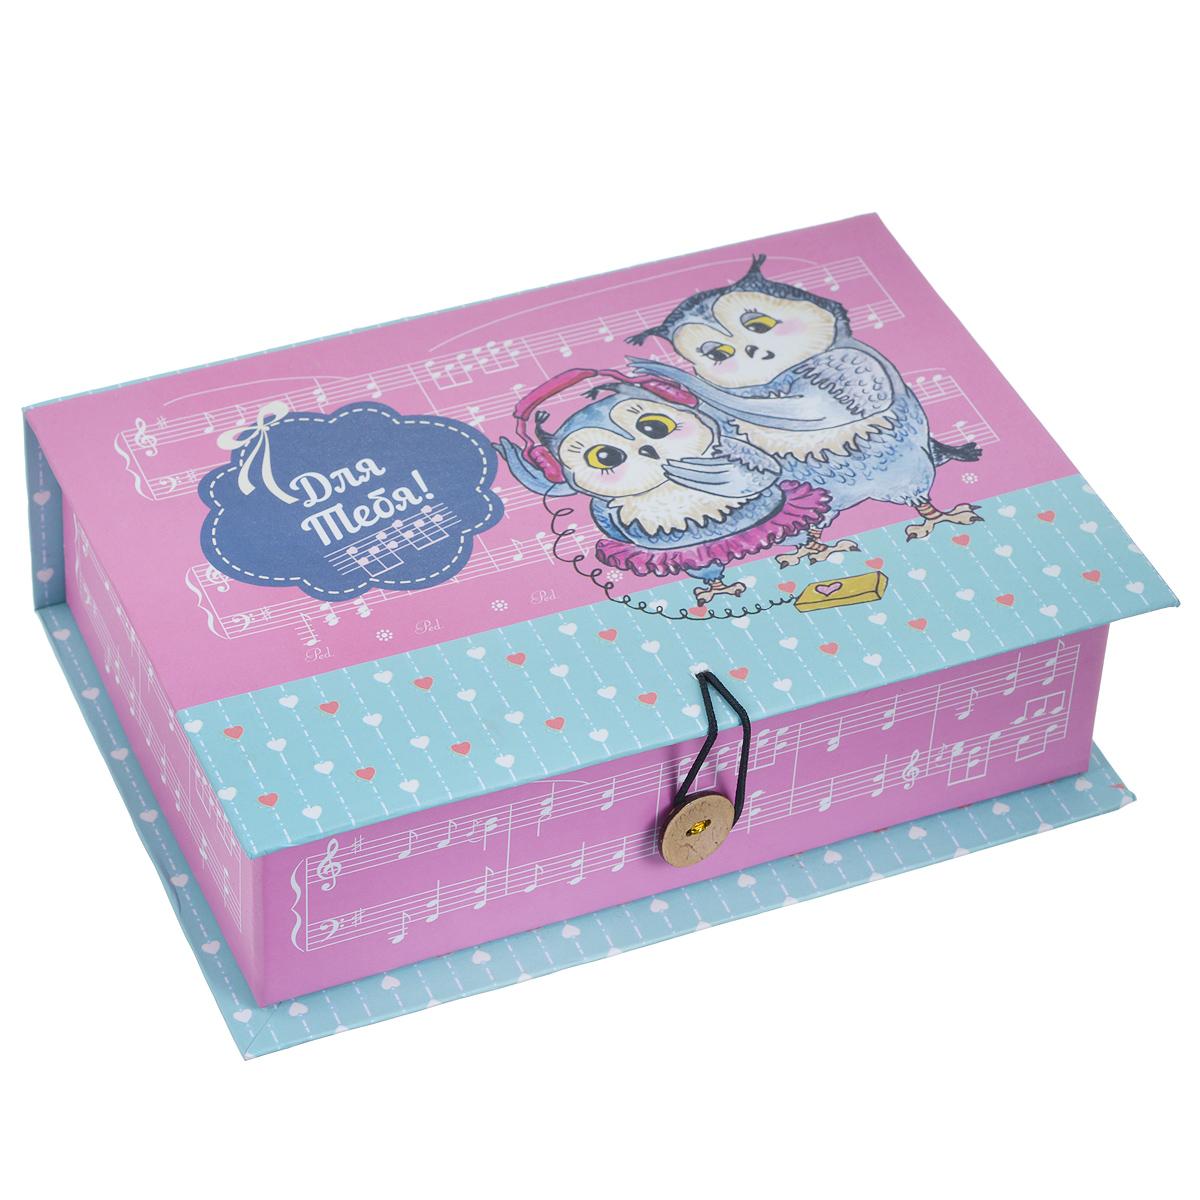 Подарочная коробка Совята, 18 х 12 х 5 см39468Подарочная коробка Совята выполнена из плотного картона. Изделие оформлено изображением совят и надписью Для тебя!. Коробка закрывается на пуговицу. Подарочная коробка - это наилучшее решение, если вы хотите порадовать ваших близких и создать праздничное настроение, ведь подарок, преподнесенный в оригинальной упаковке, всегда будет самым эффектным и запоминающимся. Окружите близких людей вниманием и заботой, вручив презент в нарядном, праздничном оформлении. Плотность картона: 1100 г/м2.